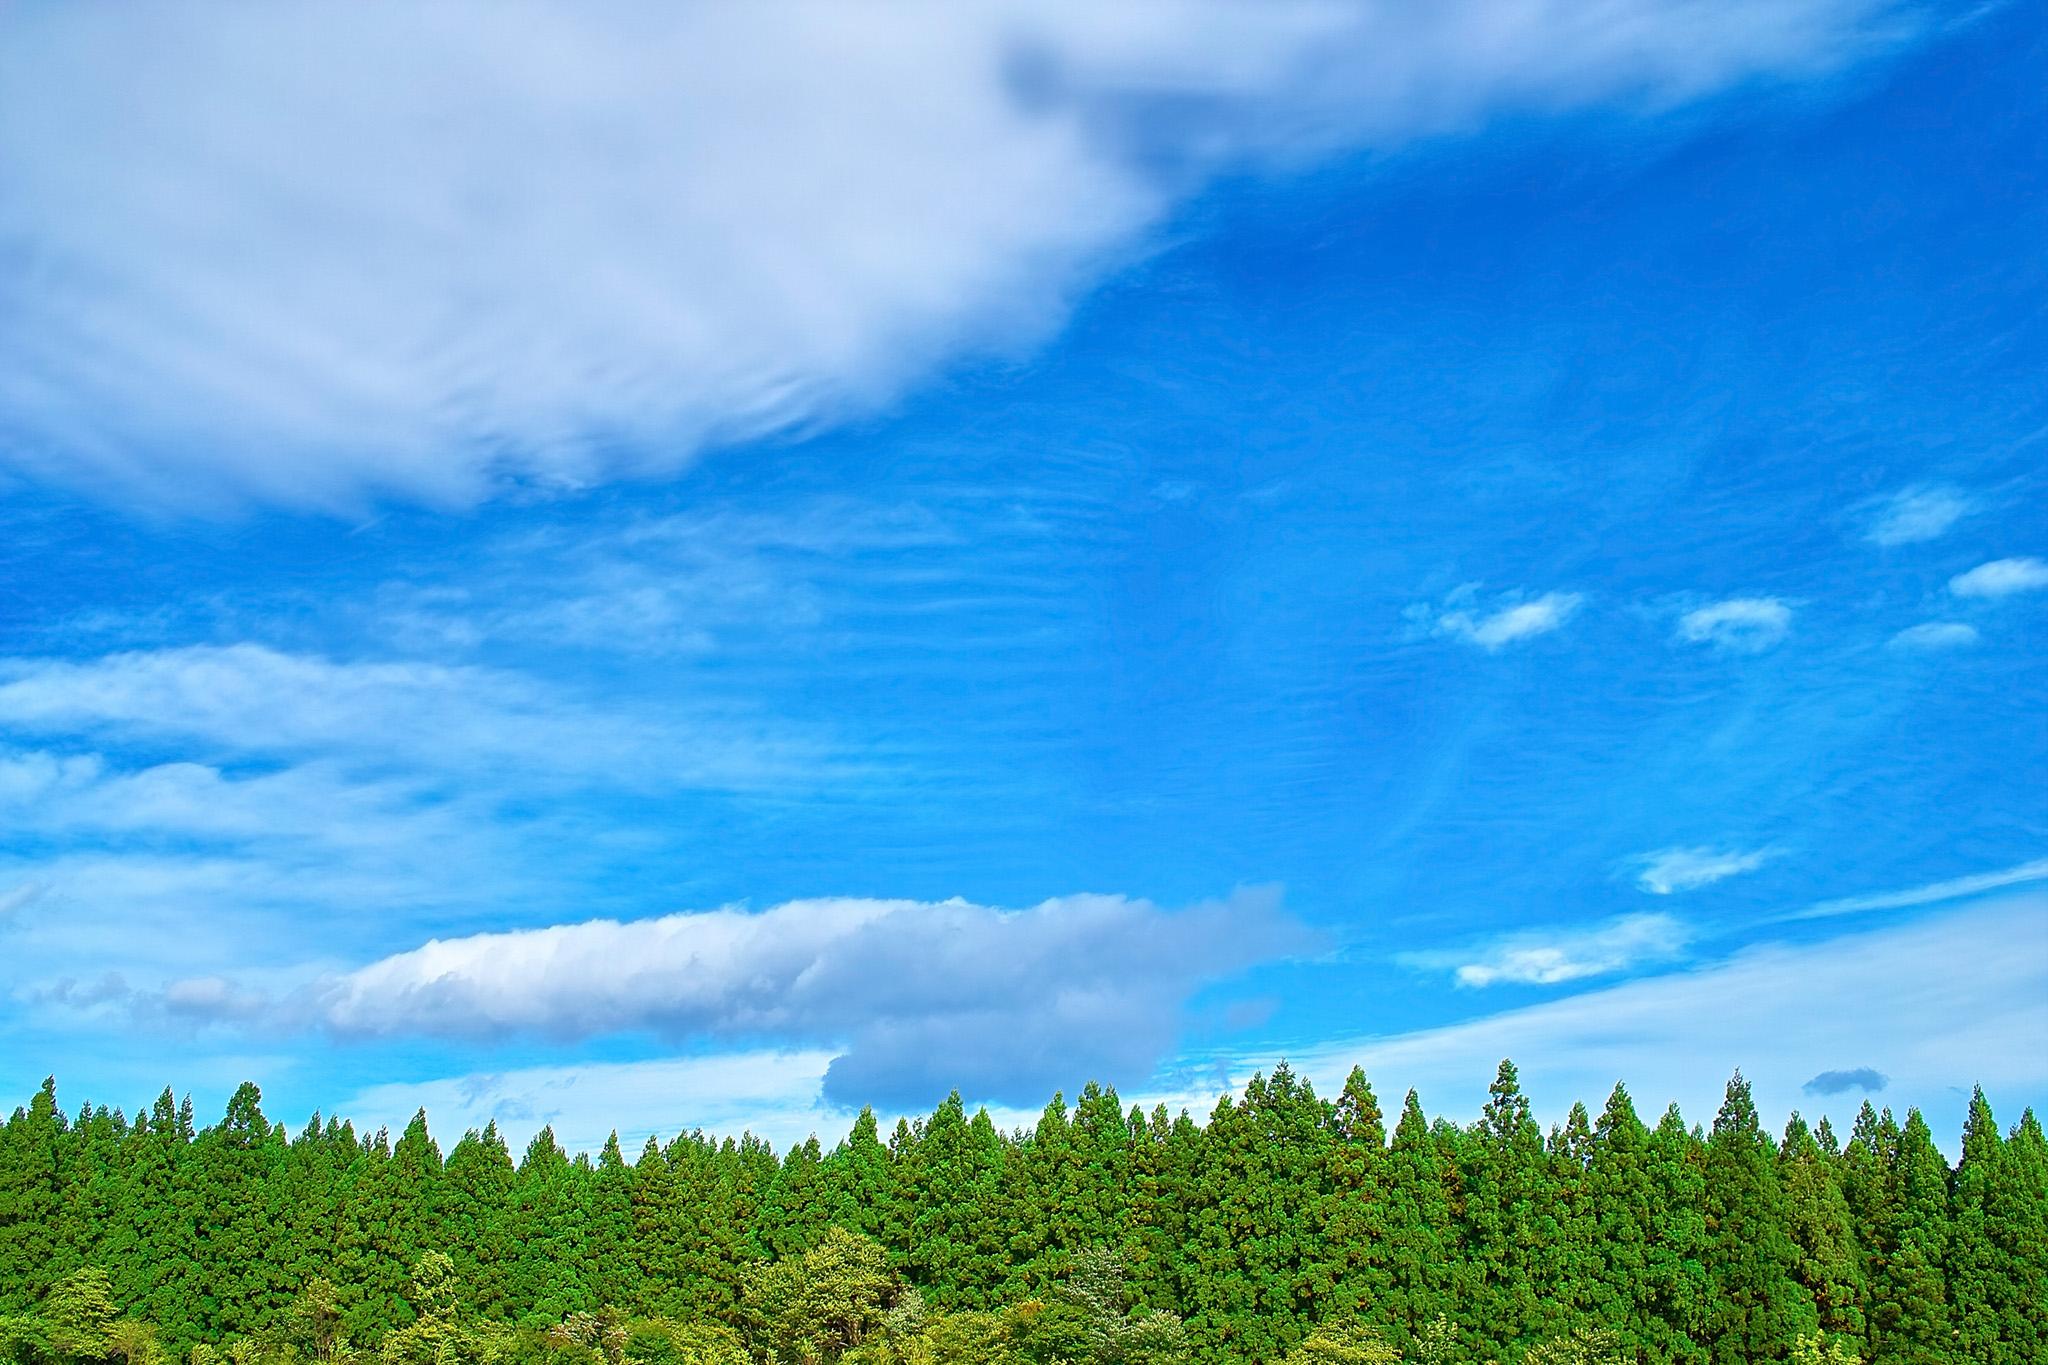 「杉林の上に広がる大空」の素材を無料ダウンロード